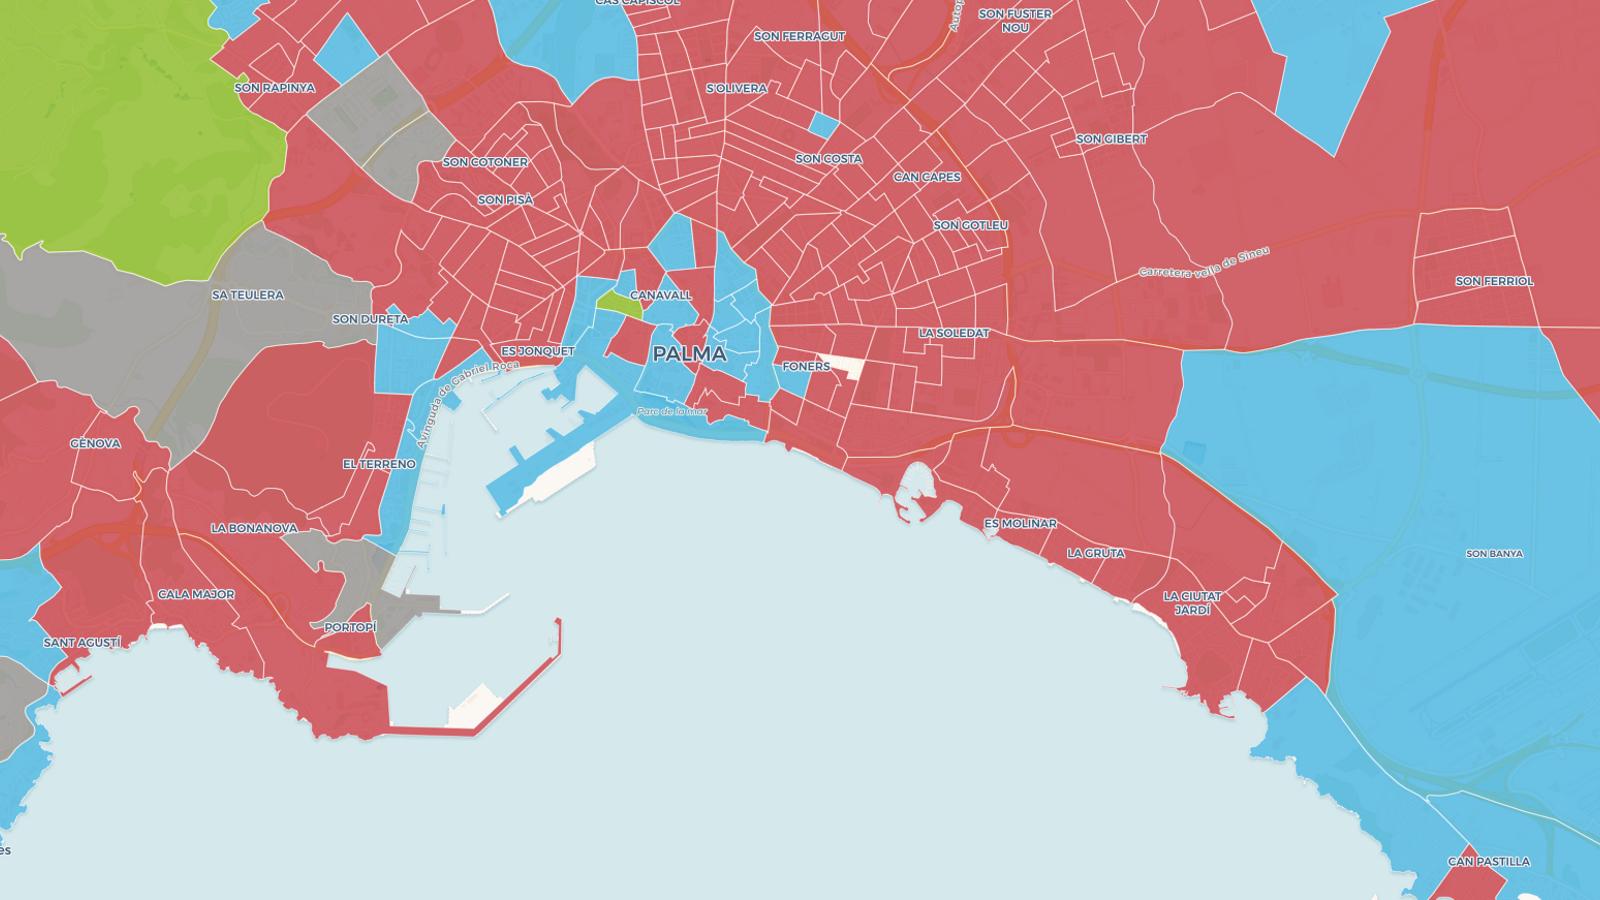 Captura de pantalla del mapa de les eleccions autonòmiques del 26-M per seccions censals